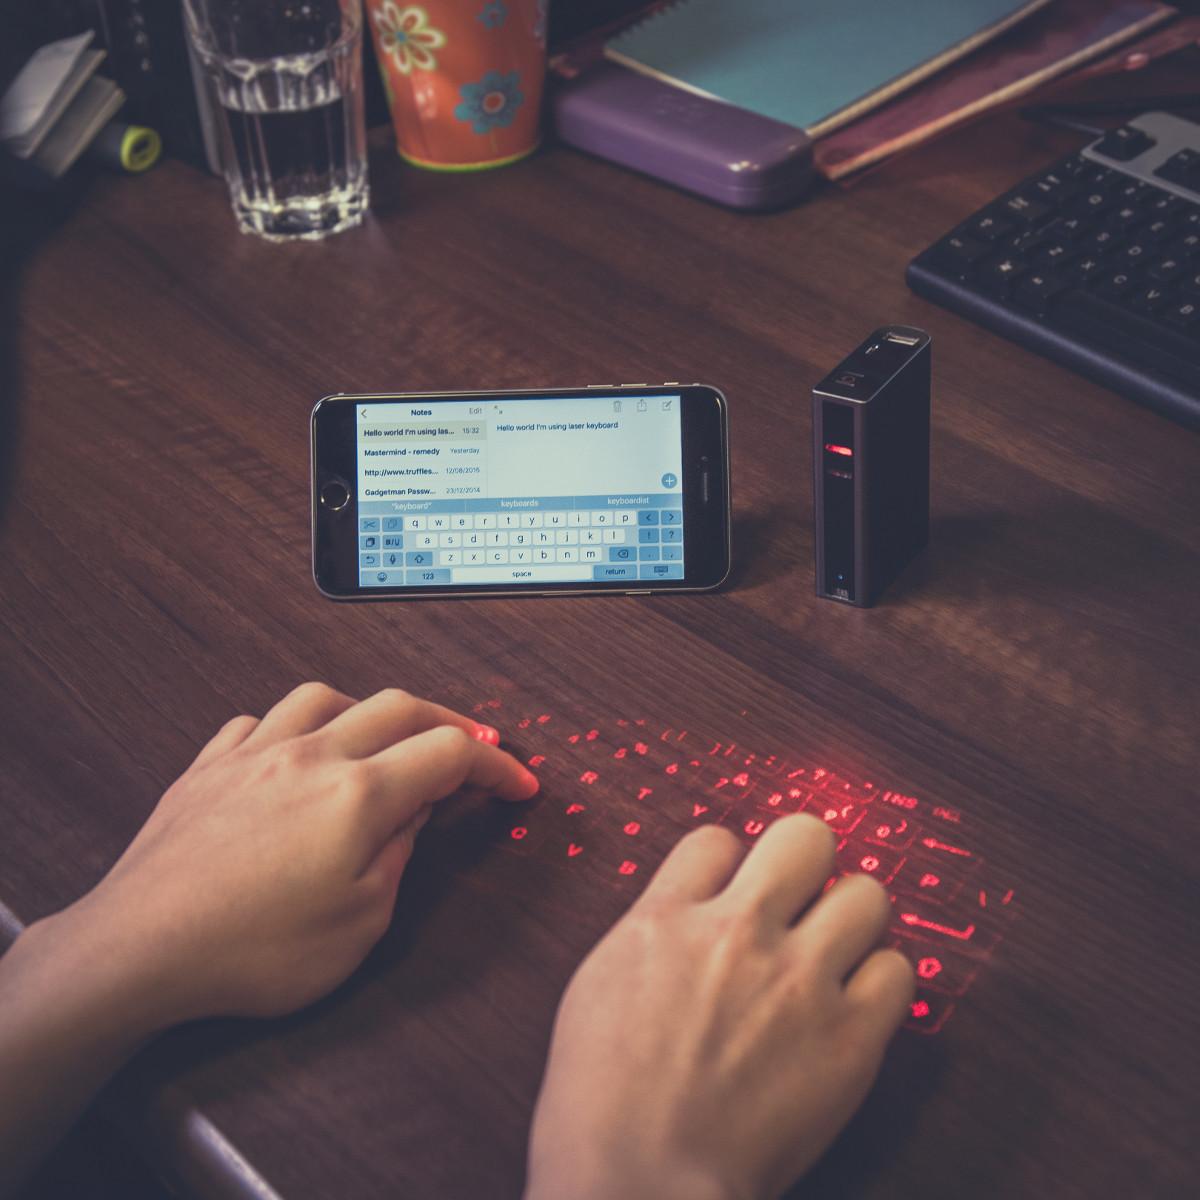 Für Smartphone & Co.: Laser-Tastatur & Powerbank